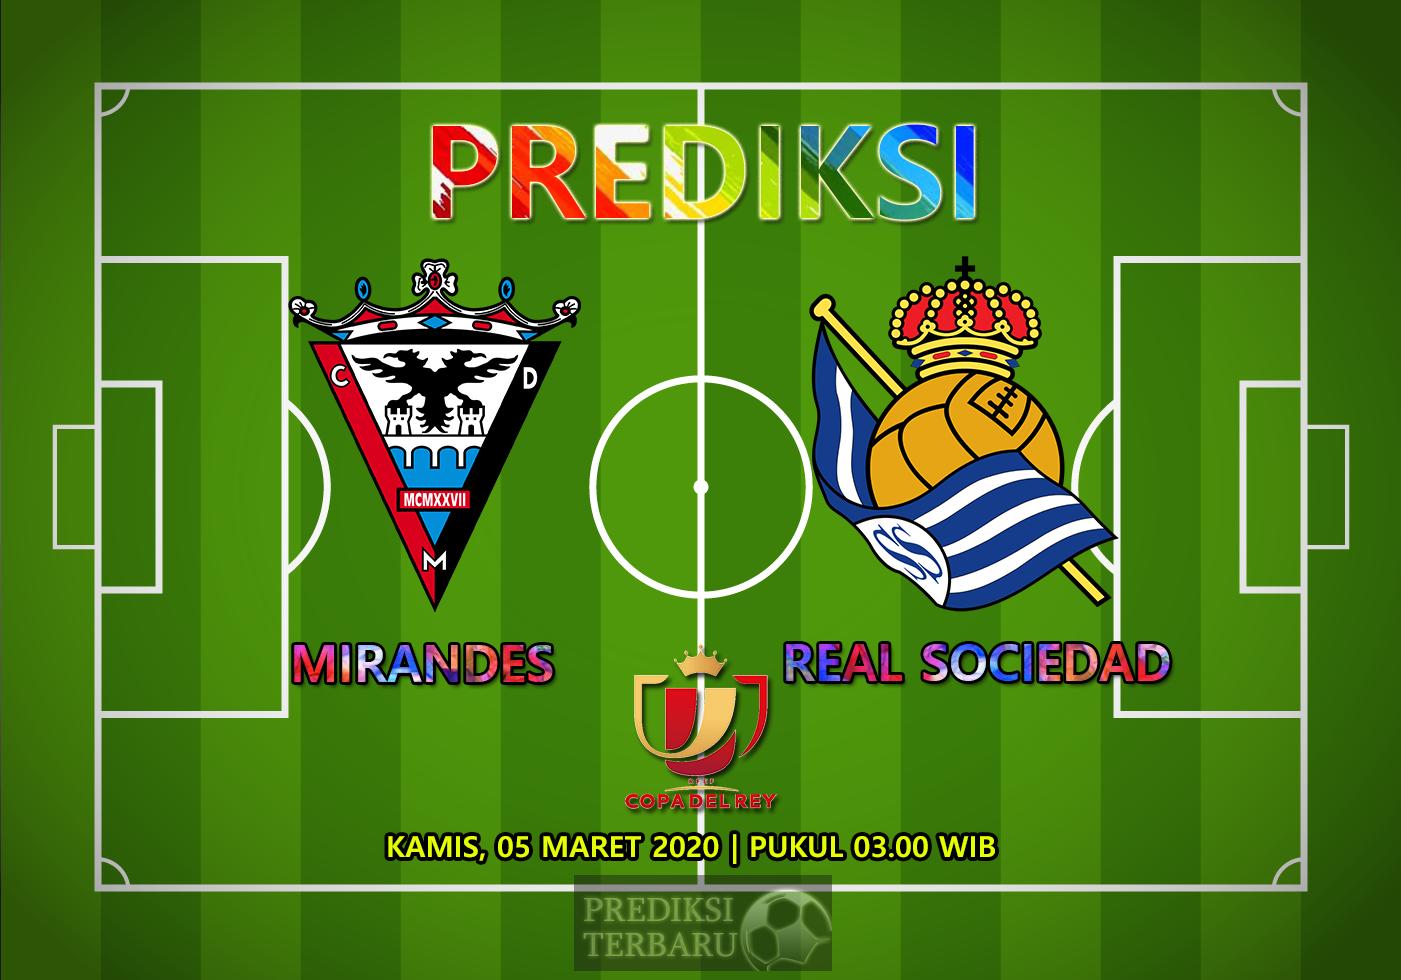 Prediksi Mirandes Vs Real Sociedad Kamis 05 Maret